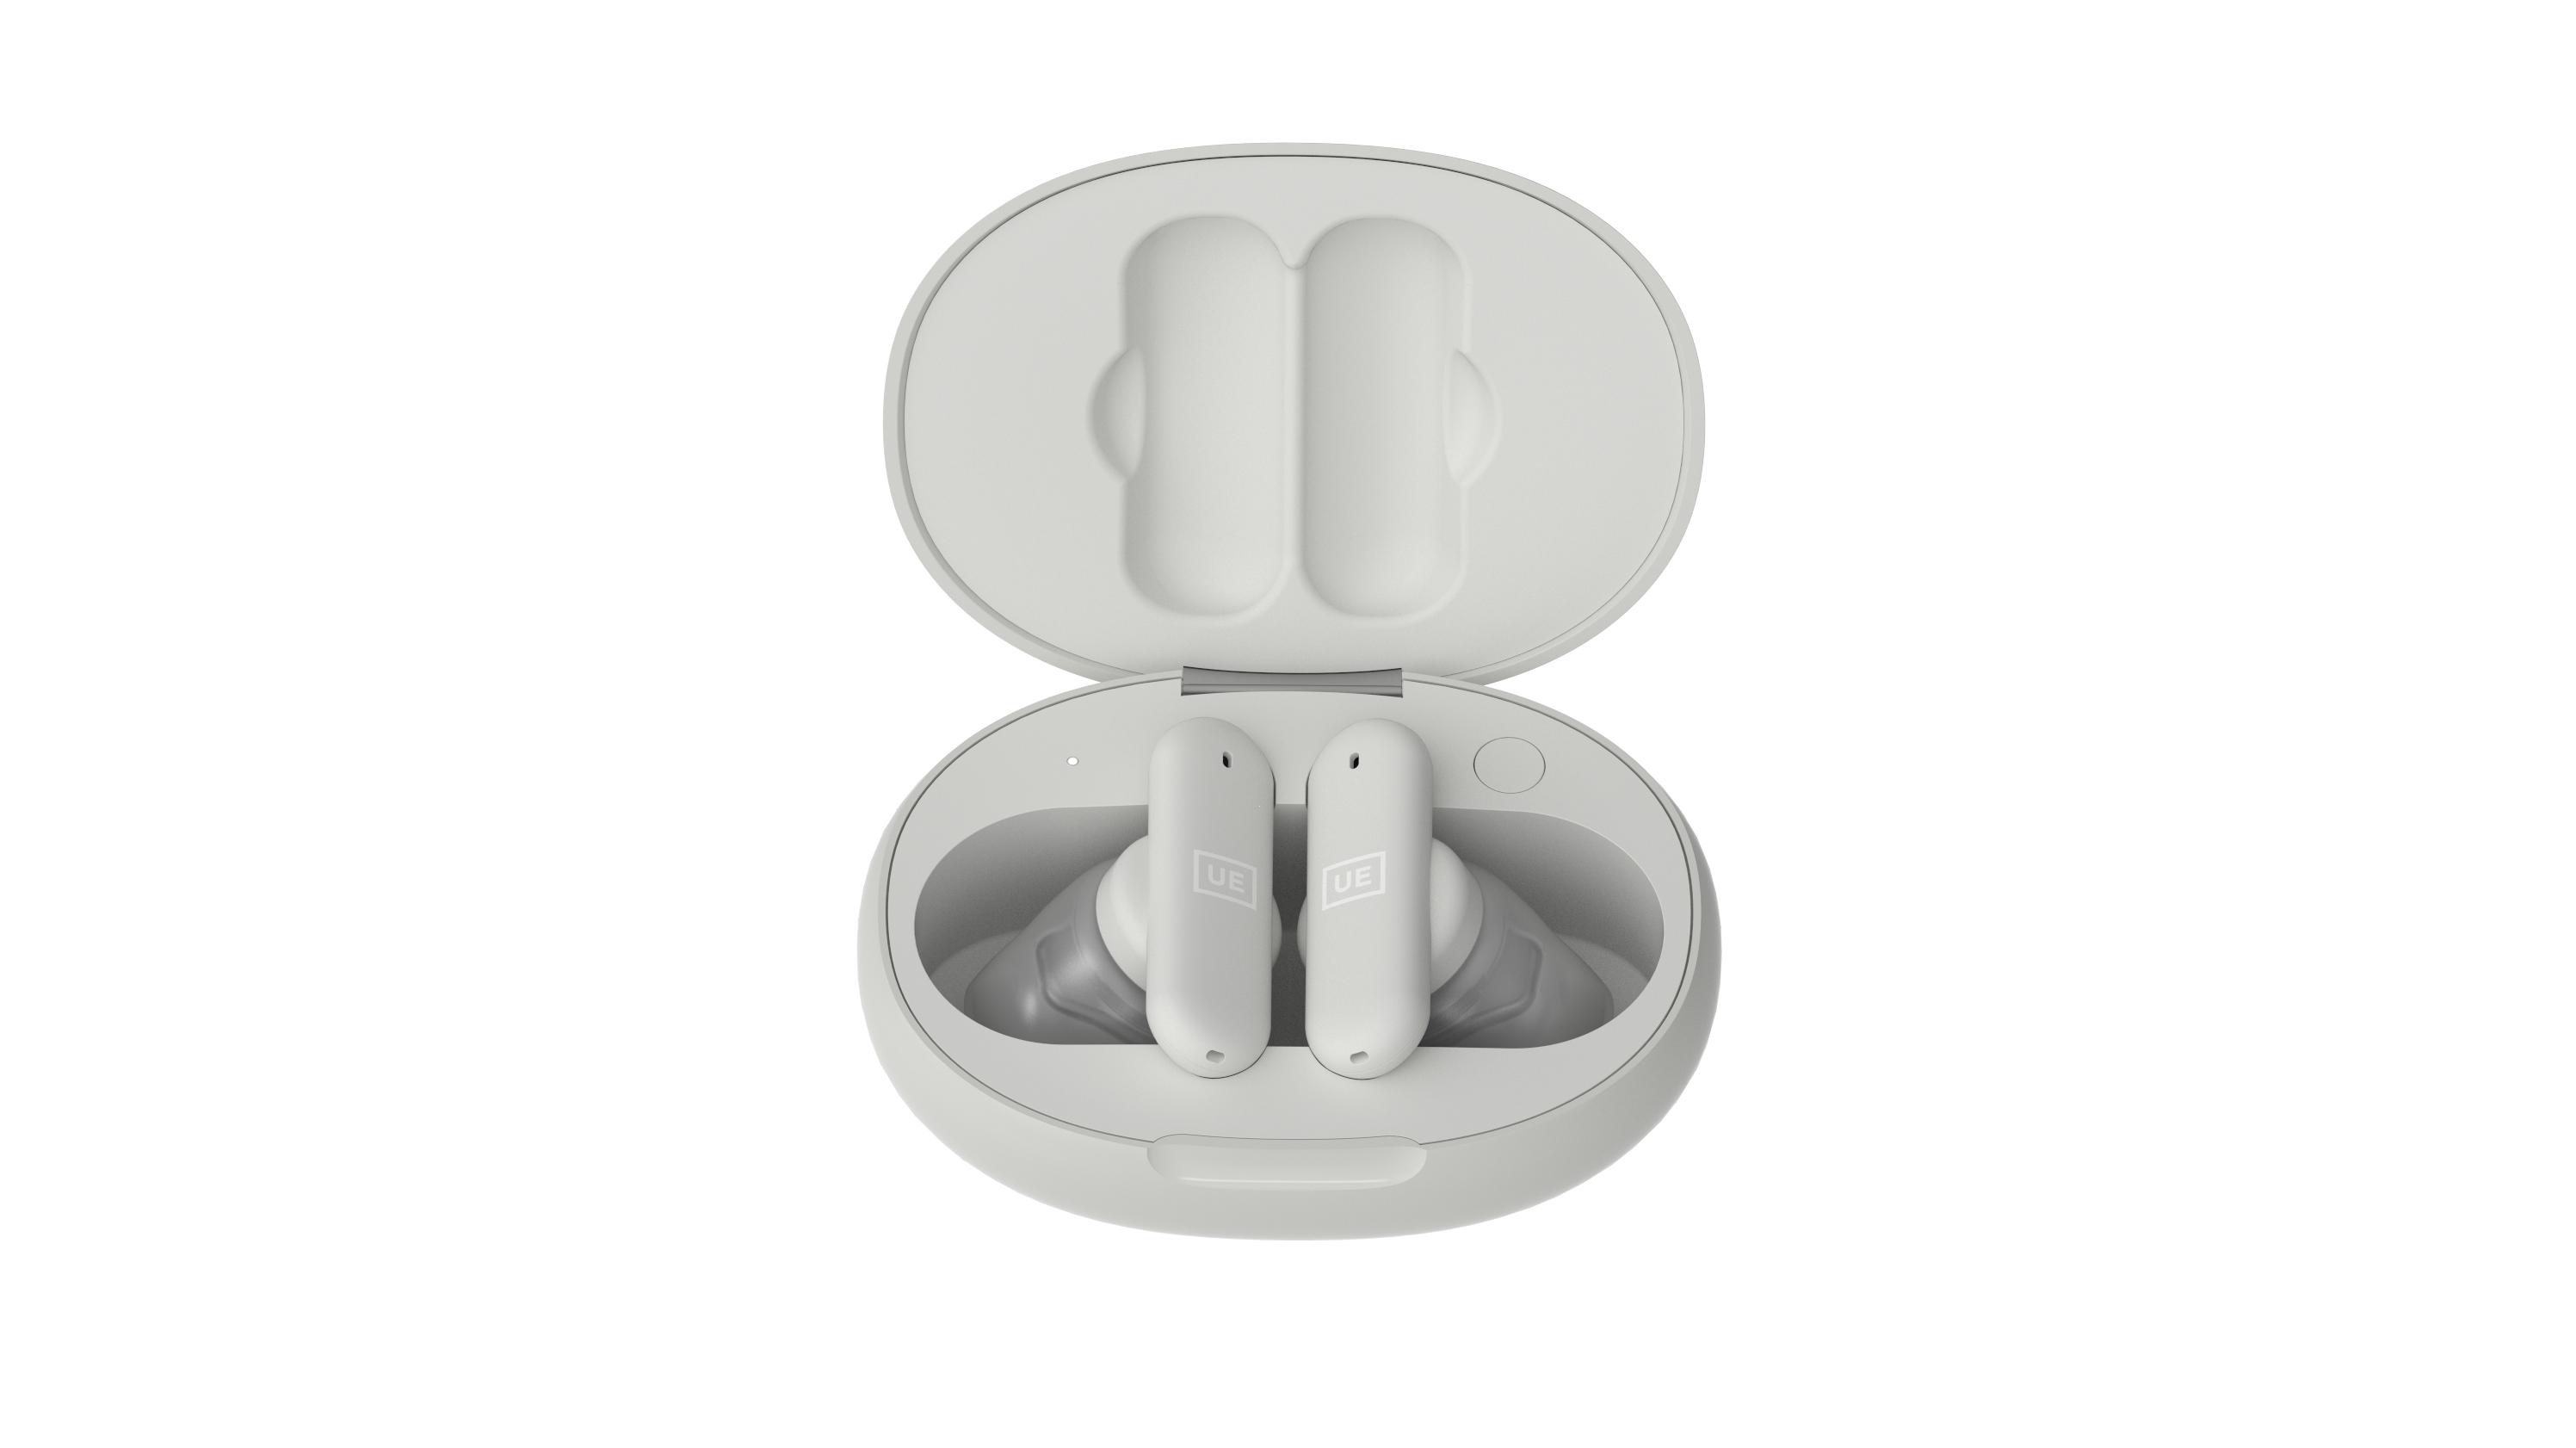 Ultimate Ears lança fones de ouvido sem fio UE Fits. Crédito: Ultimate Ears